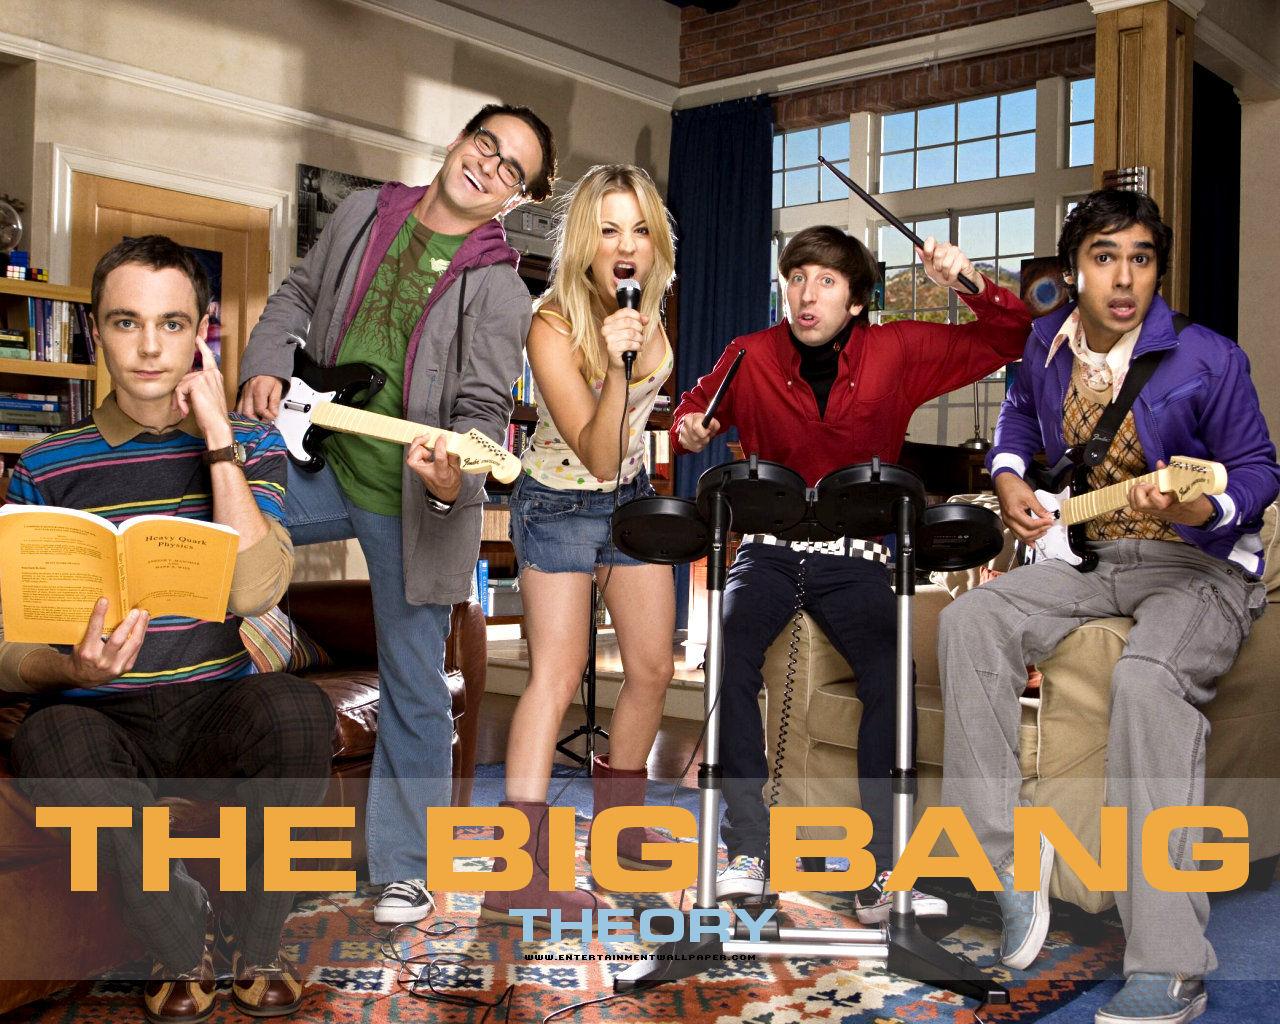 http://4.bp.blogspot.com/-SrRjsT4wdso/T17ByngZYkI/AAAAAAAAAro/RBu6UEWAji8/s1600/tv_the_big_bang_theory01.jpg